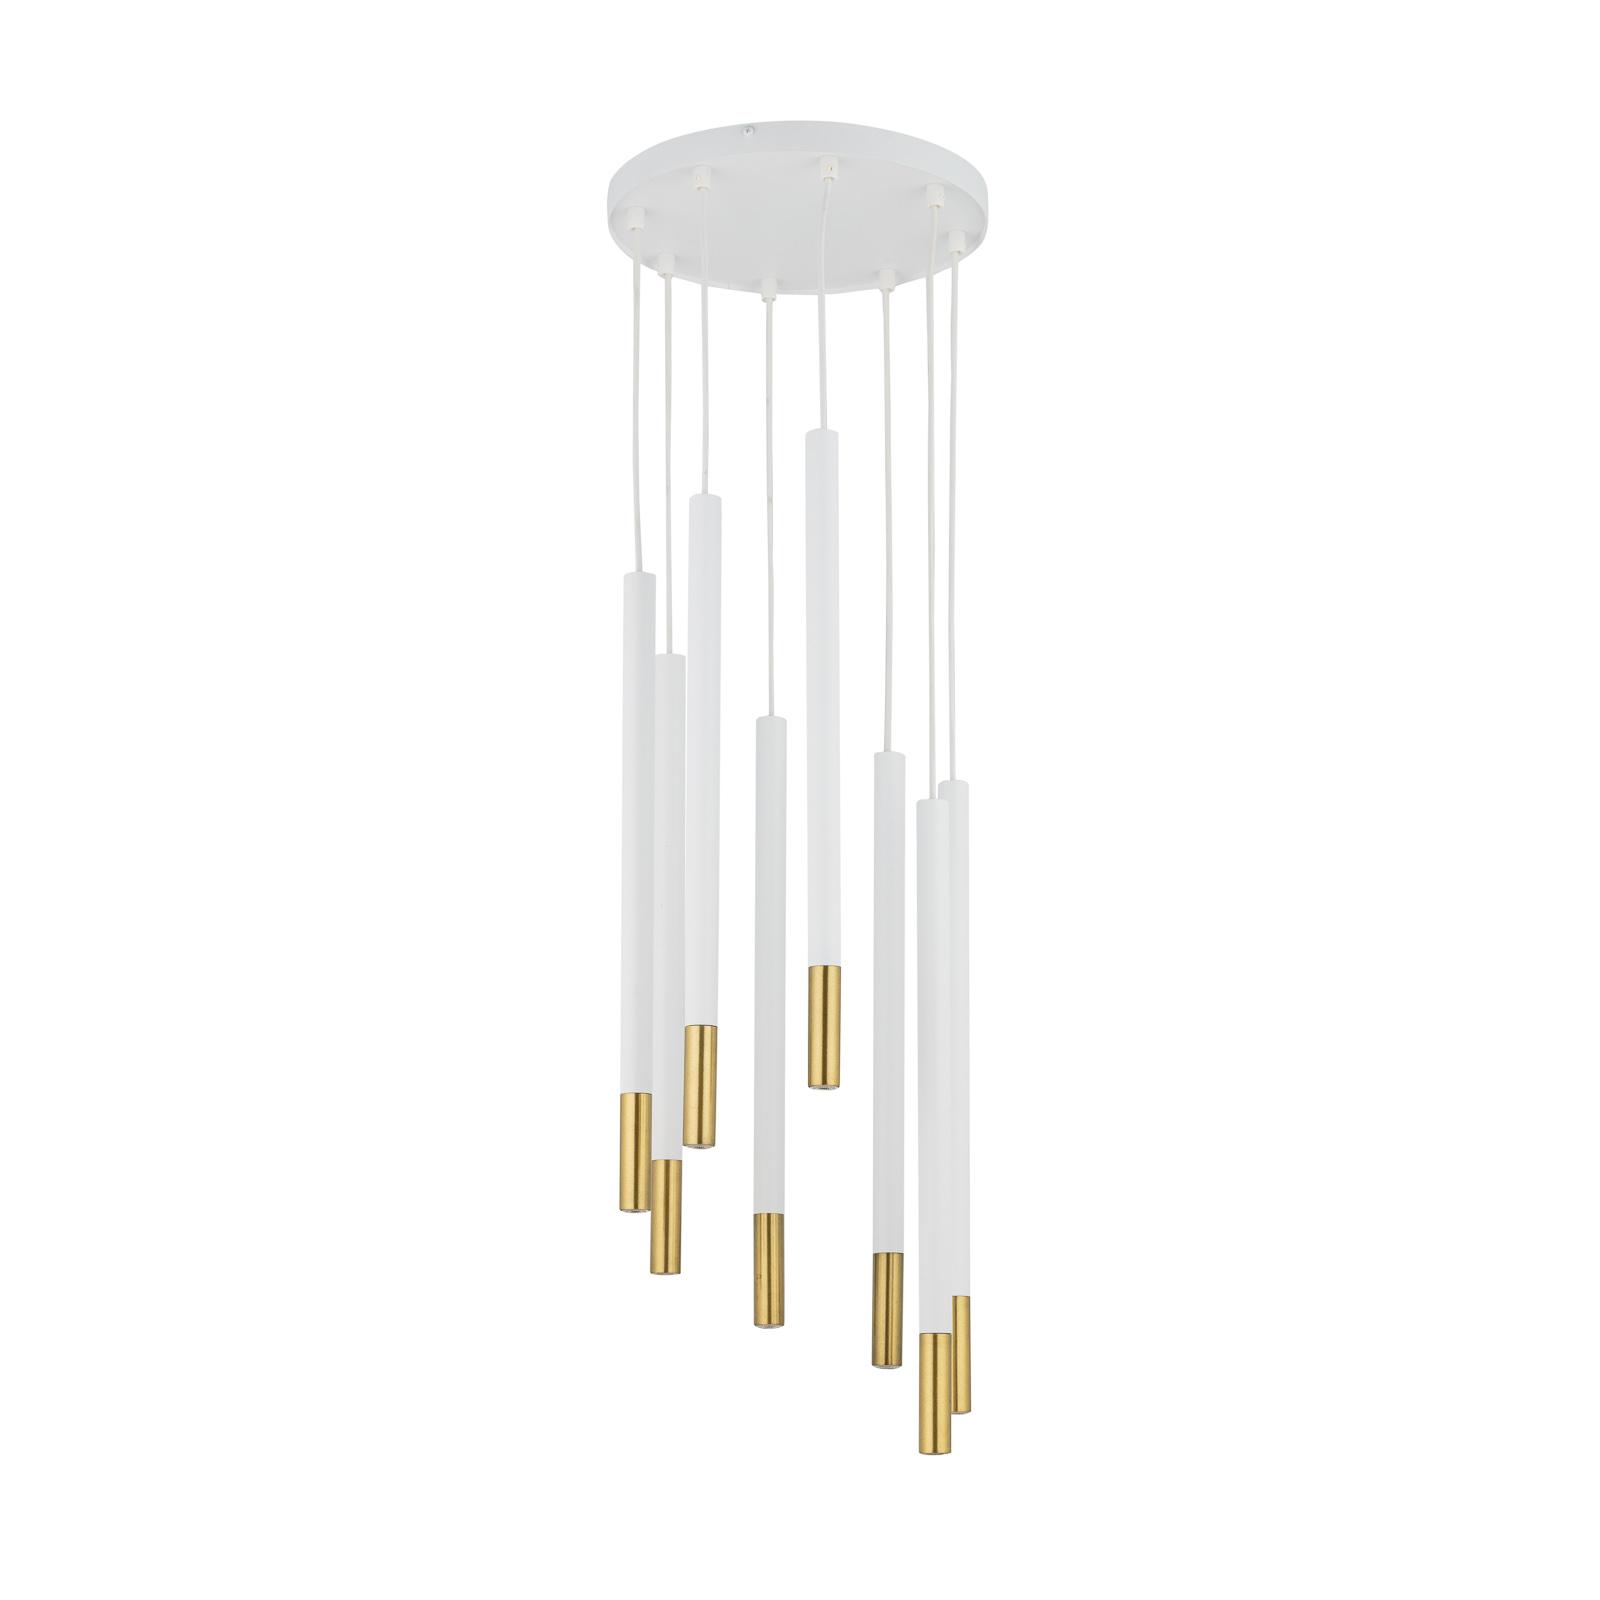 Riippuvalaisin Sopel Due 8 valkoinen/kulta, 8-lamp